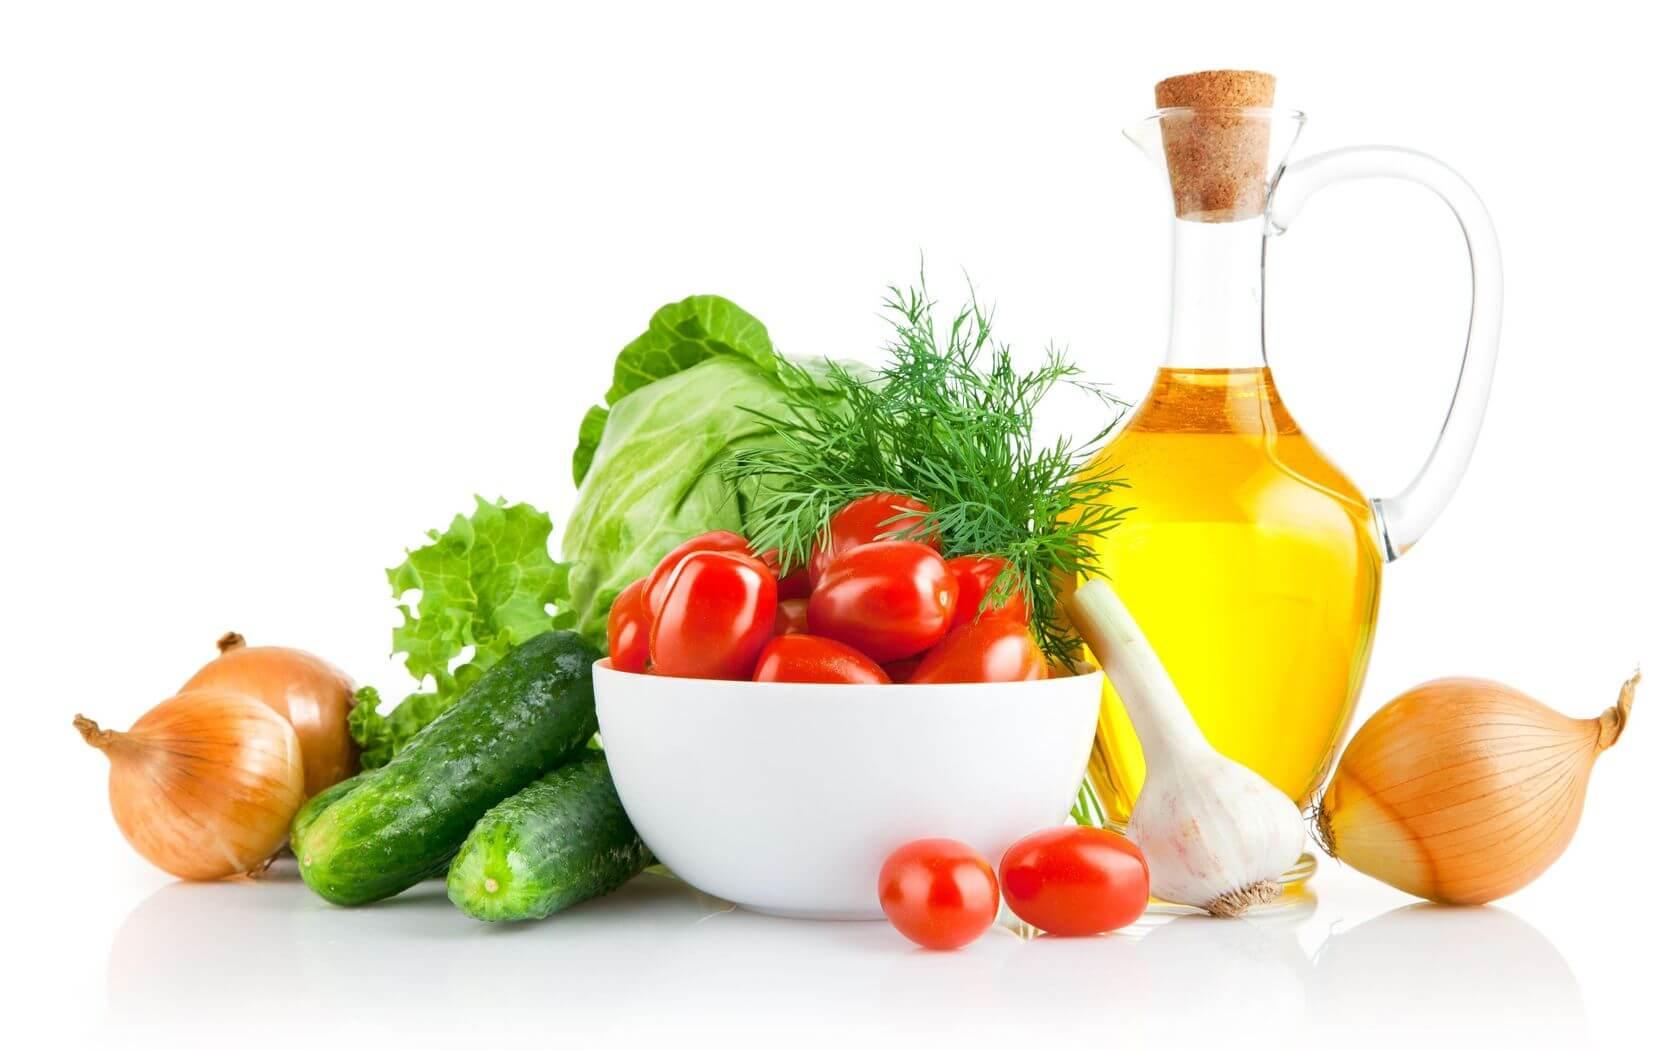 ТР ТС пищевой безопасности